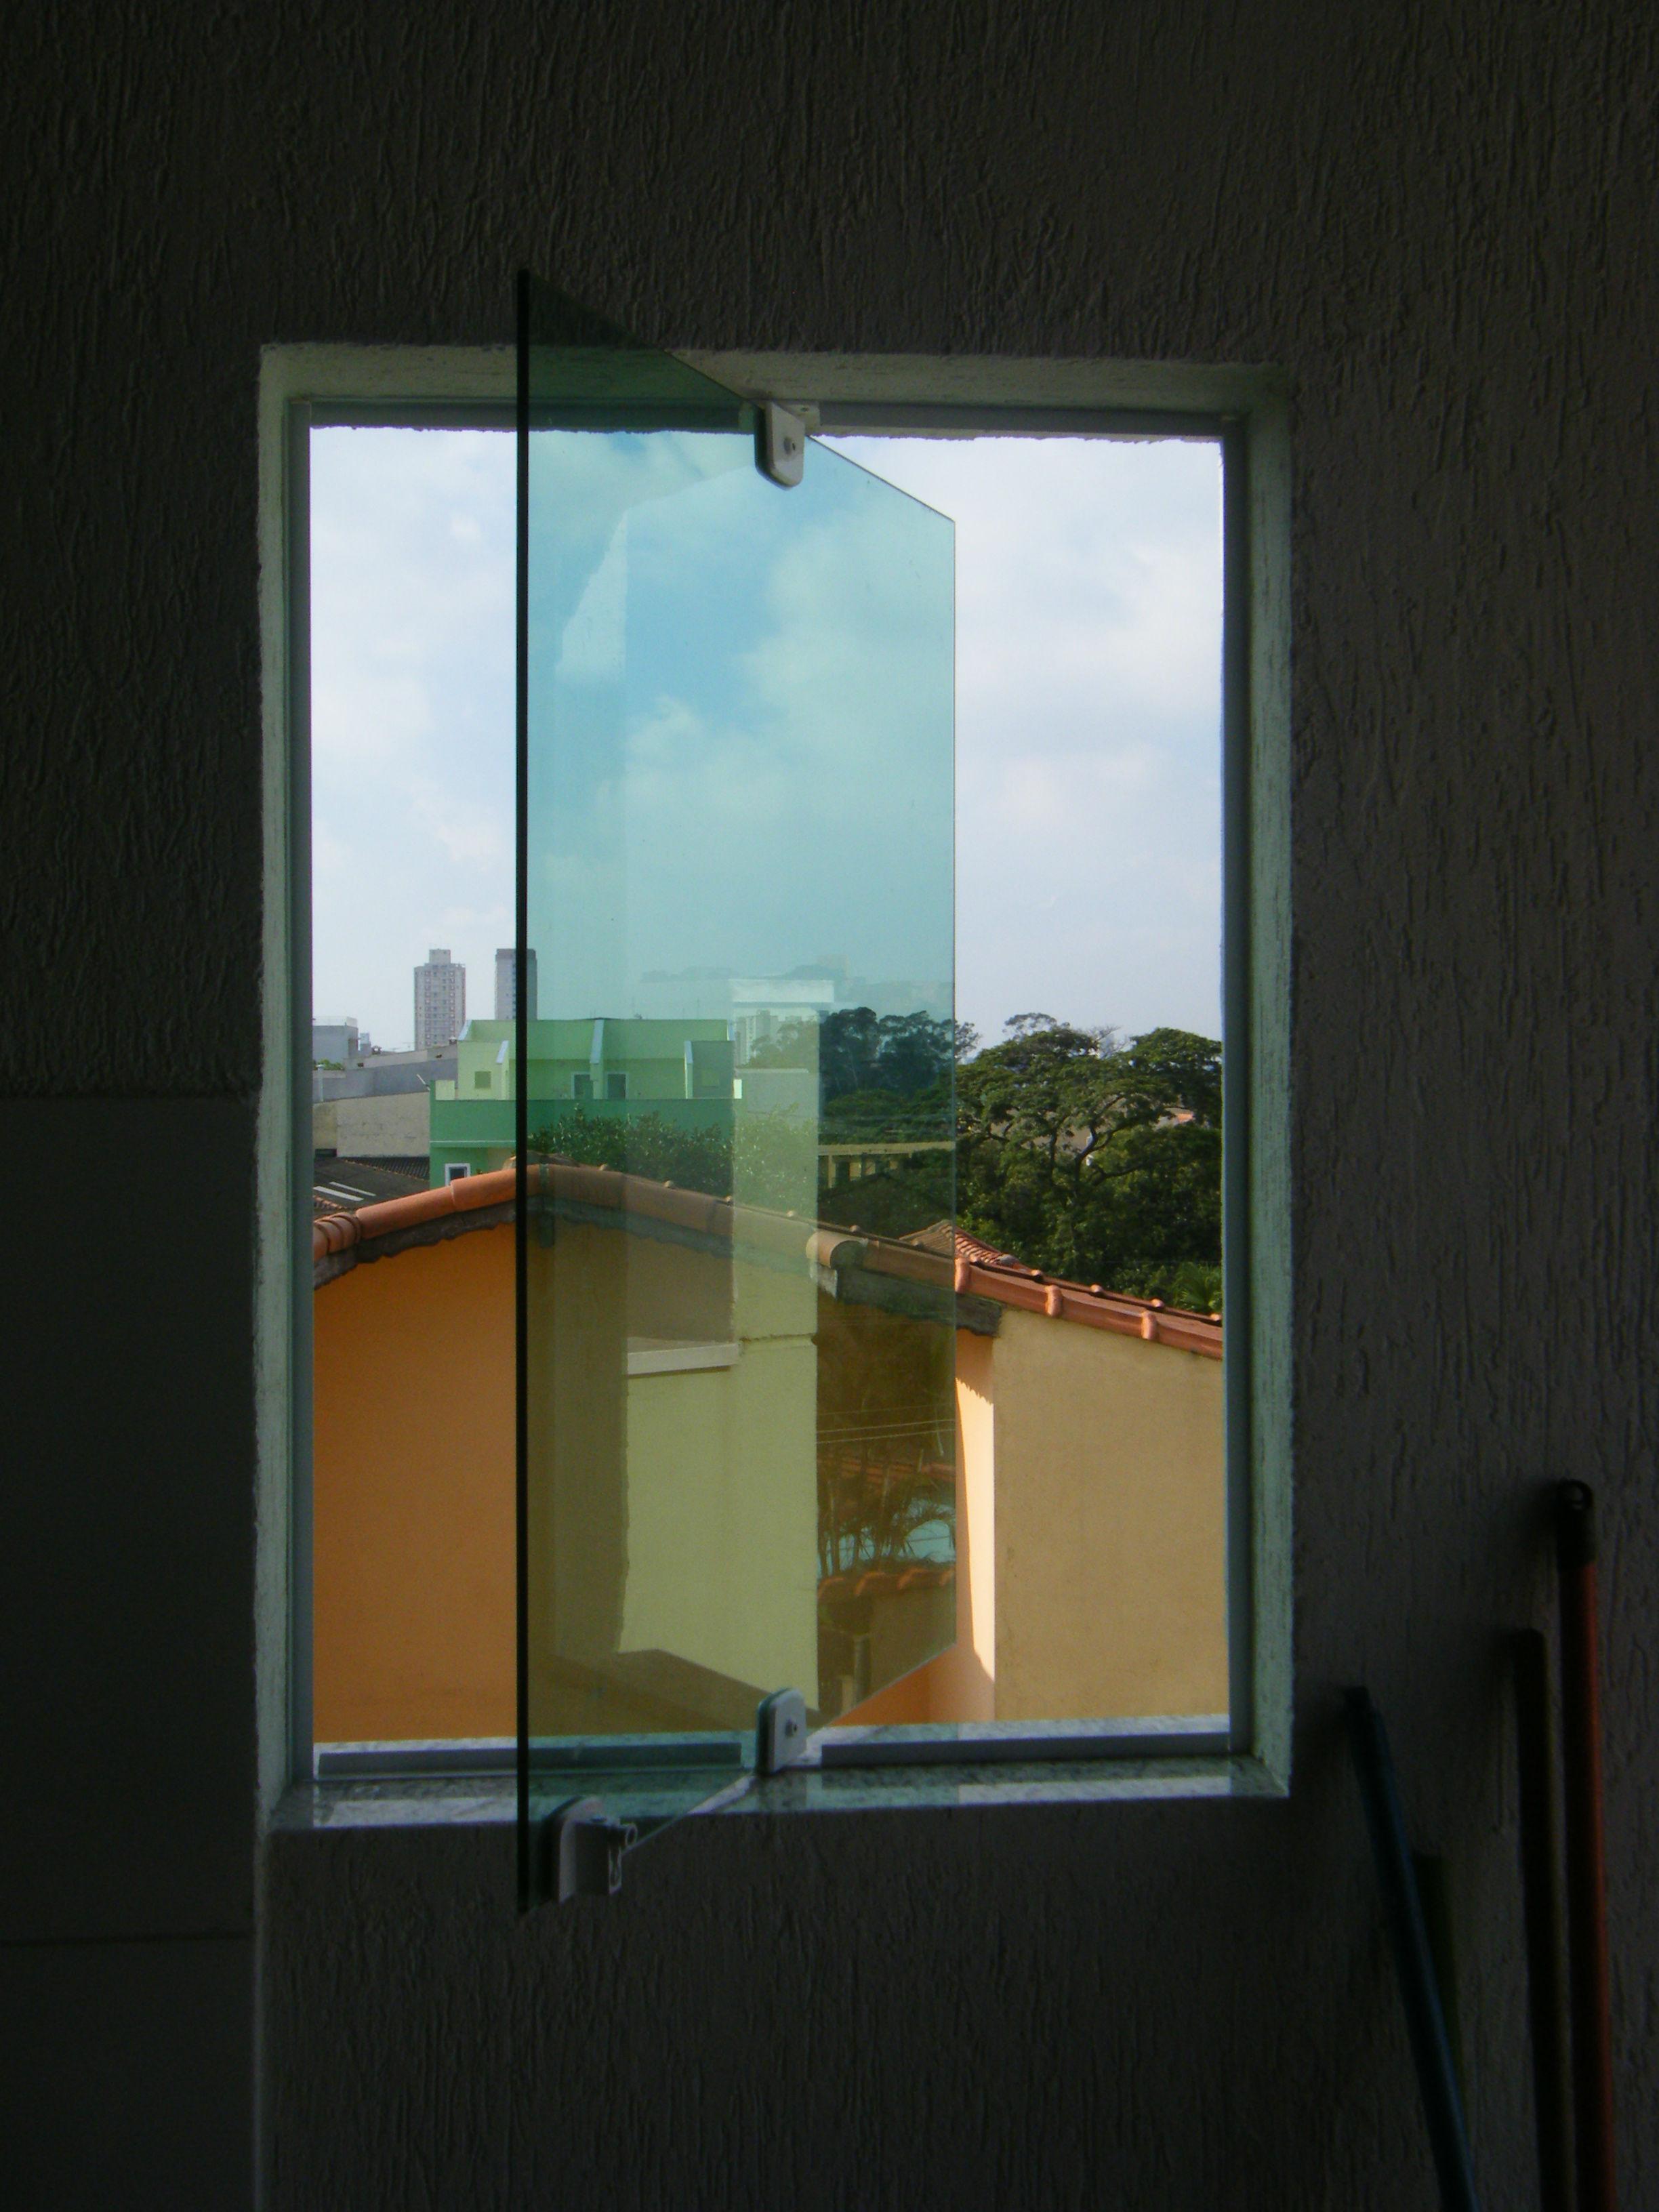 CENTRAL VIDROS SP Av. do Cursino 3117 Vila Moraes São Paulo  #6F491F 2448 3264